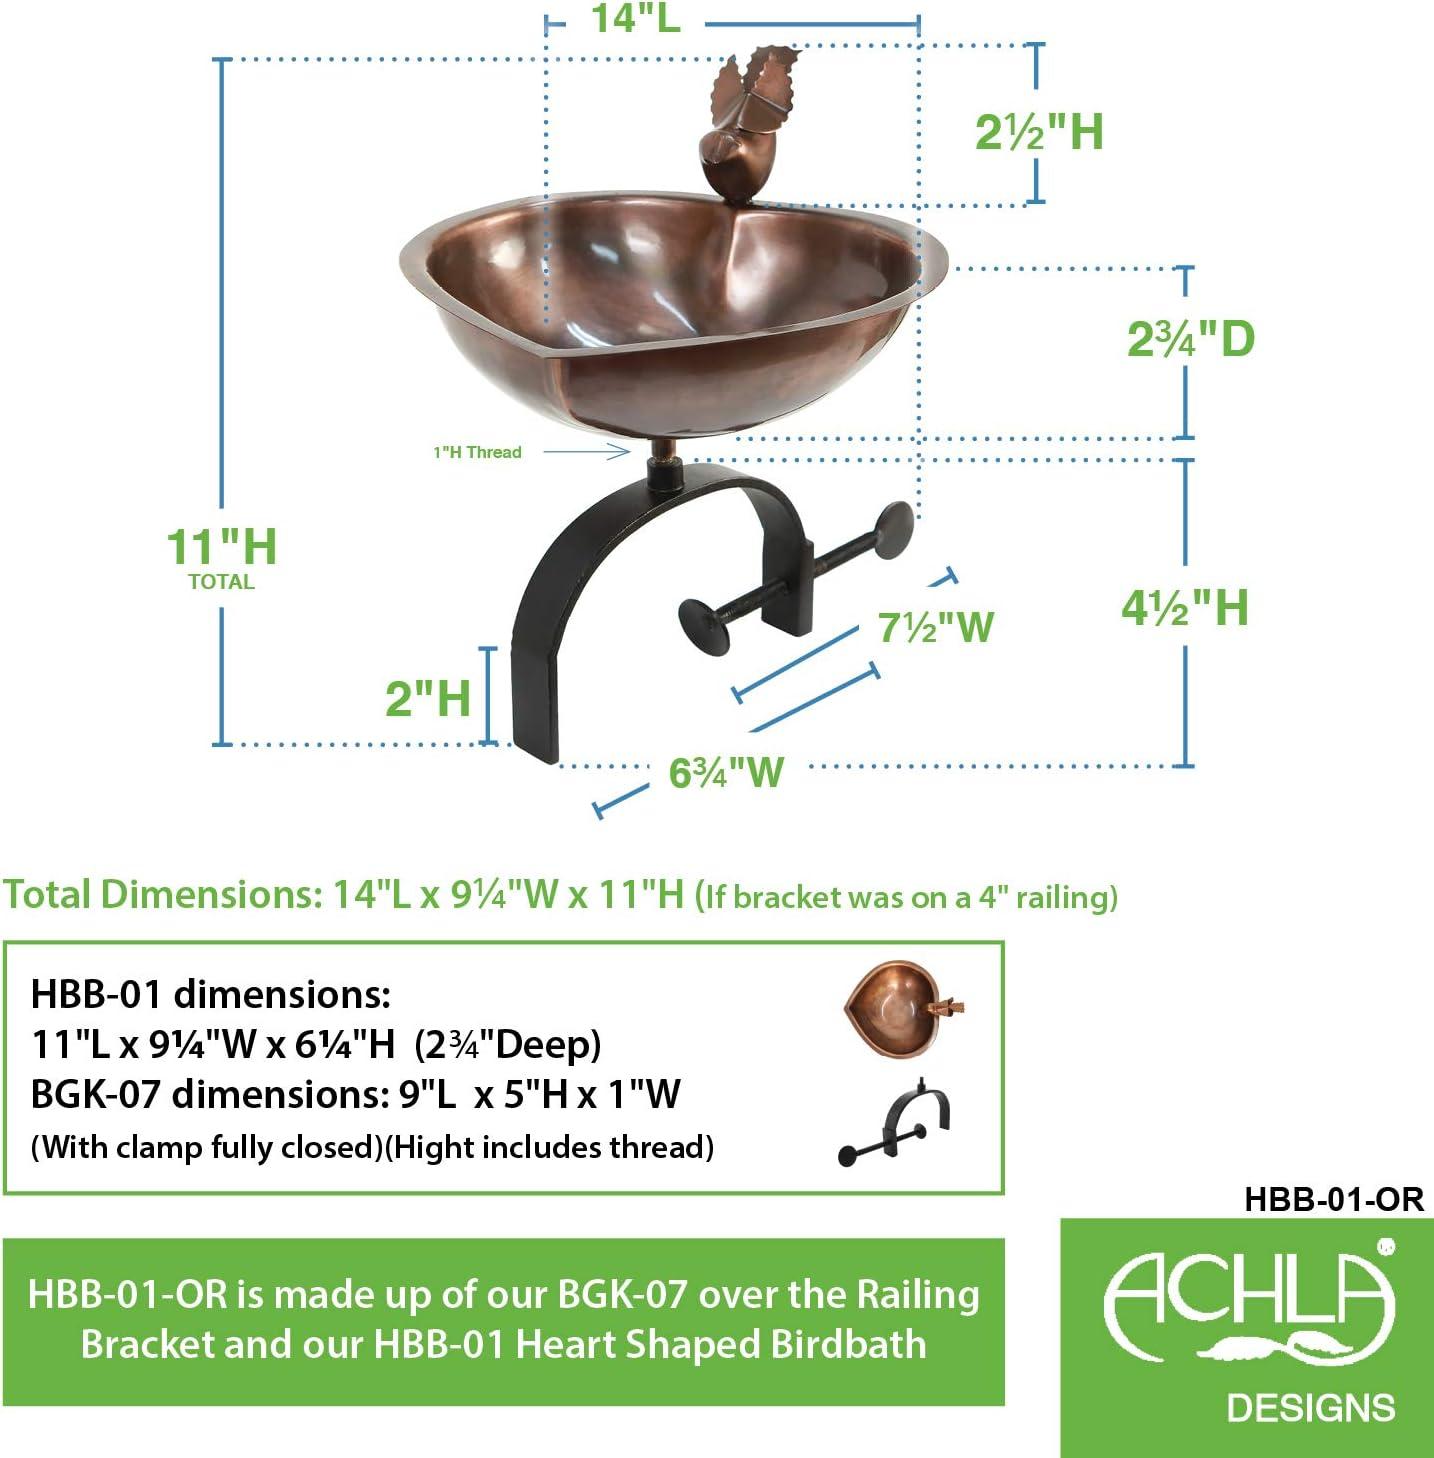 Black Achla Designs HBB-01-OR Heart Shaped Birdbath with Railing Bracket Copper